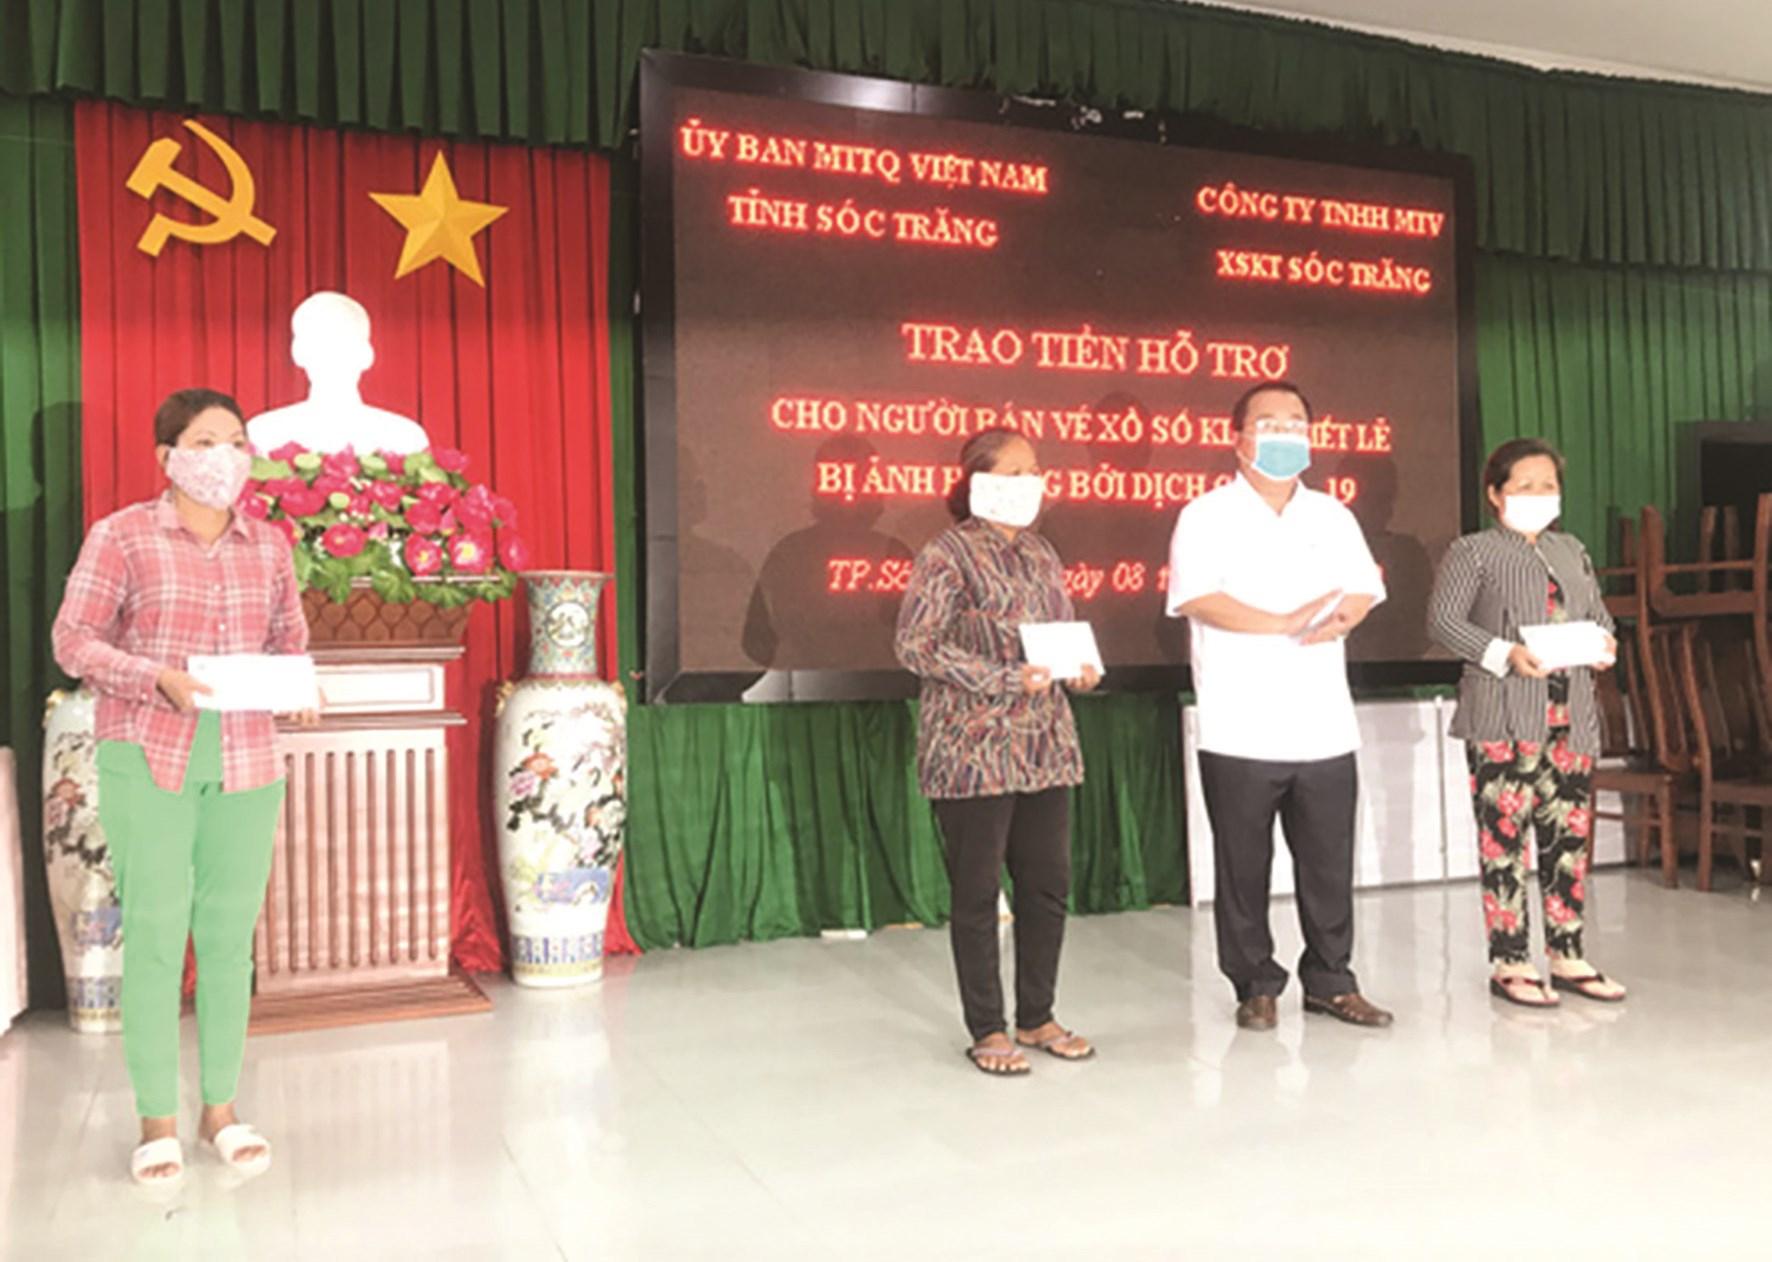 Lãnh đạo tỉnh Sóc Trăng trao tiền hỗ trợ cho người DTTS bán vé số trên địa bàn tỉnh.